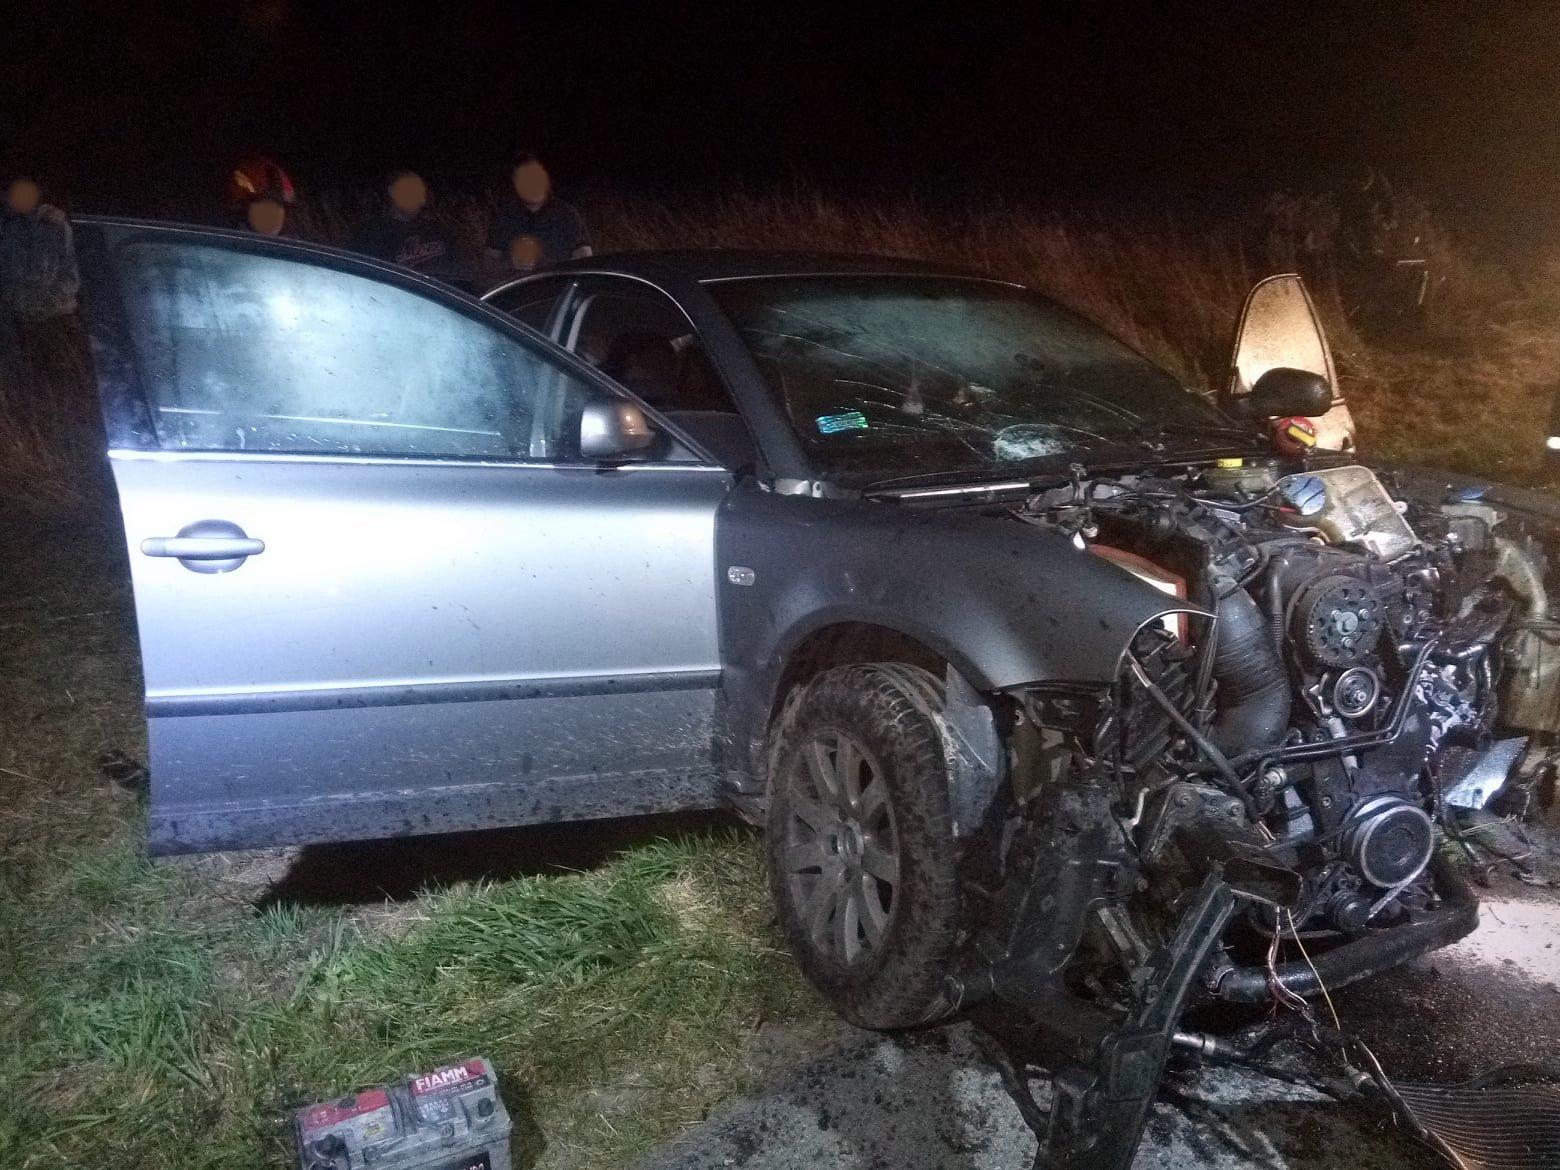 TYRAWA WOŁOSKA: Samochód osobowy wypadł z drogi. Dwie osoby zakleszczone w pojeździe [ZDJĘCIA] - Zdjęcie główne